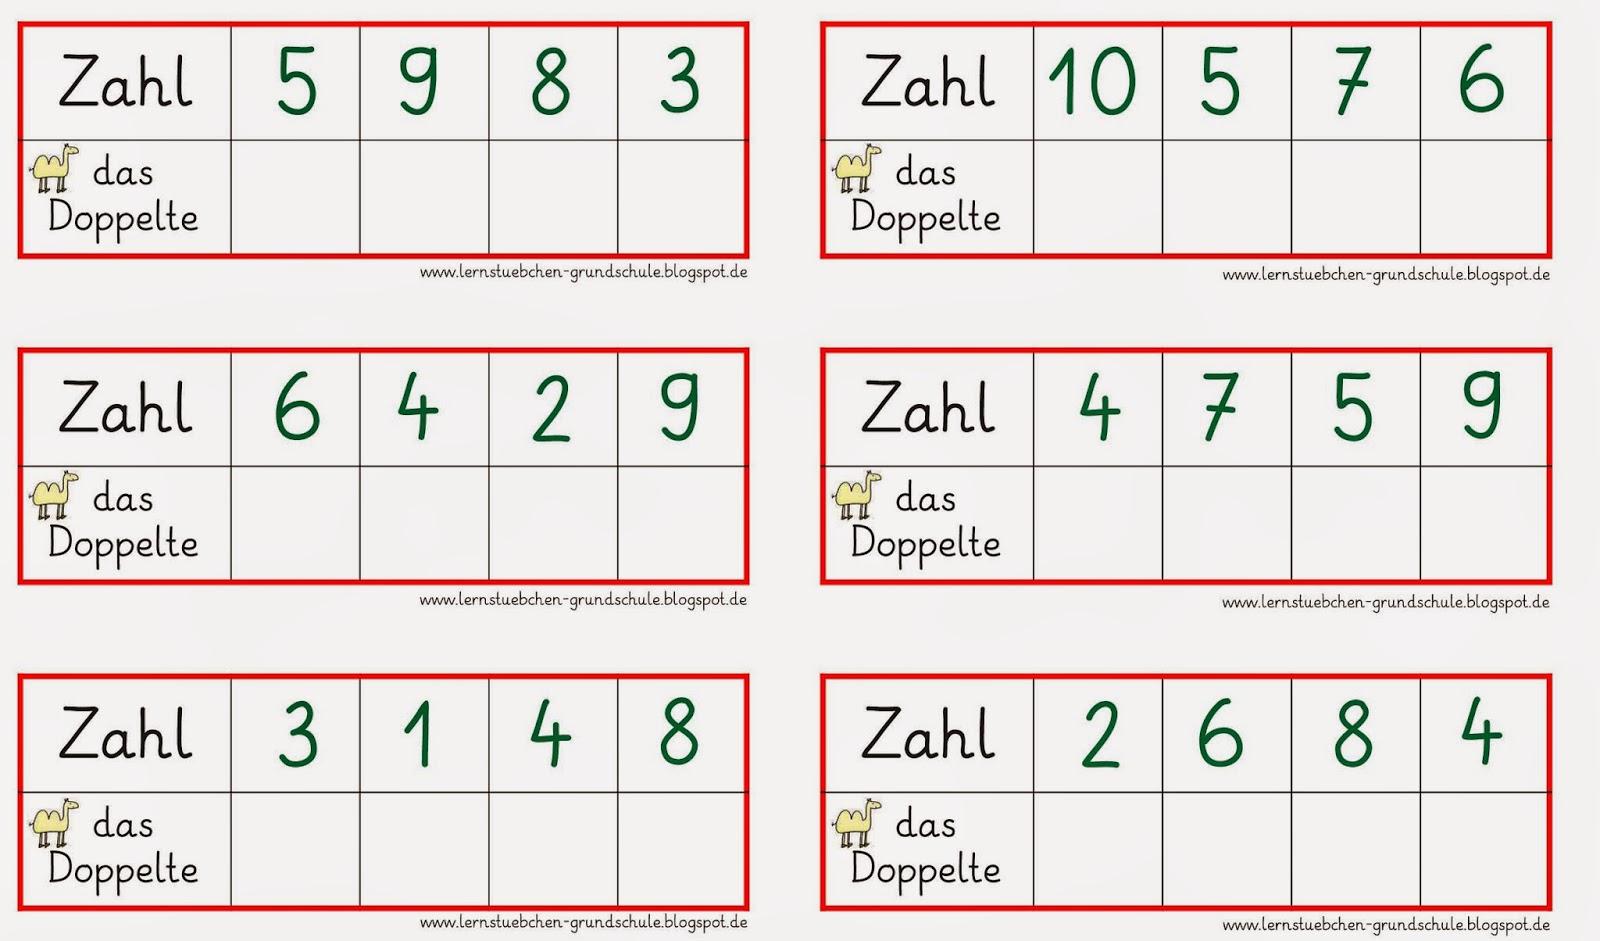 Lernstübchen: Zahl - das Doppelte